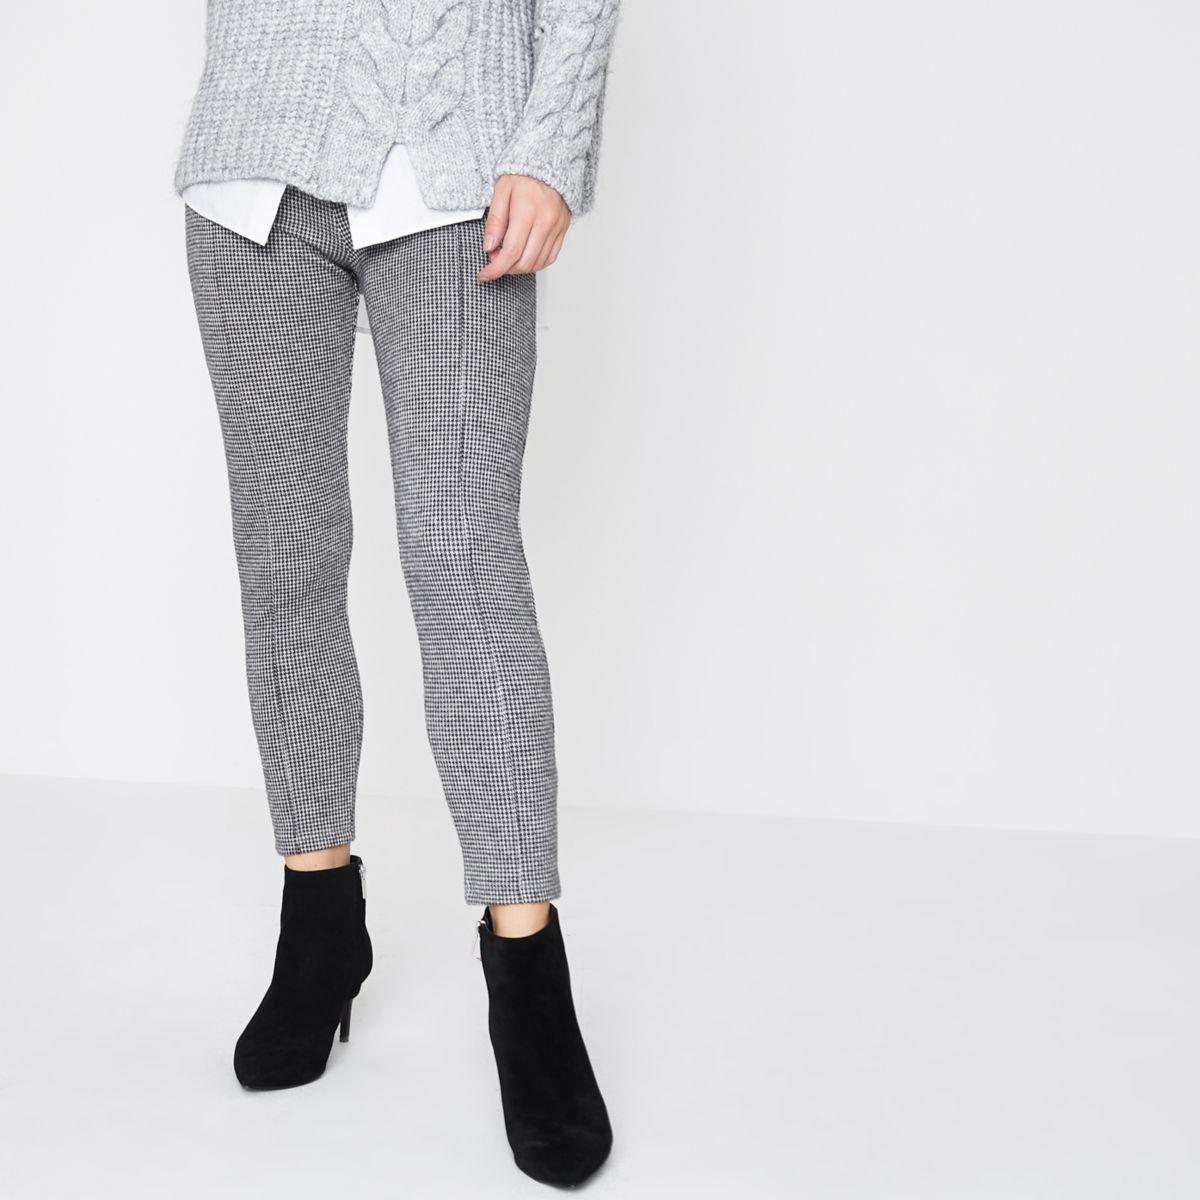 Petite grey herringbone check leggings